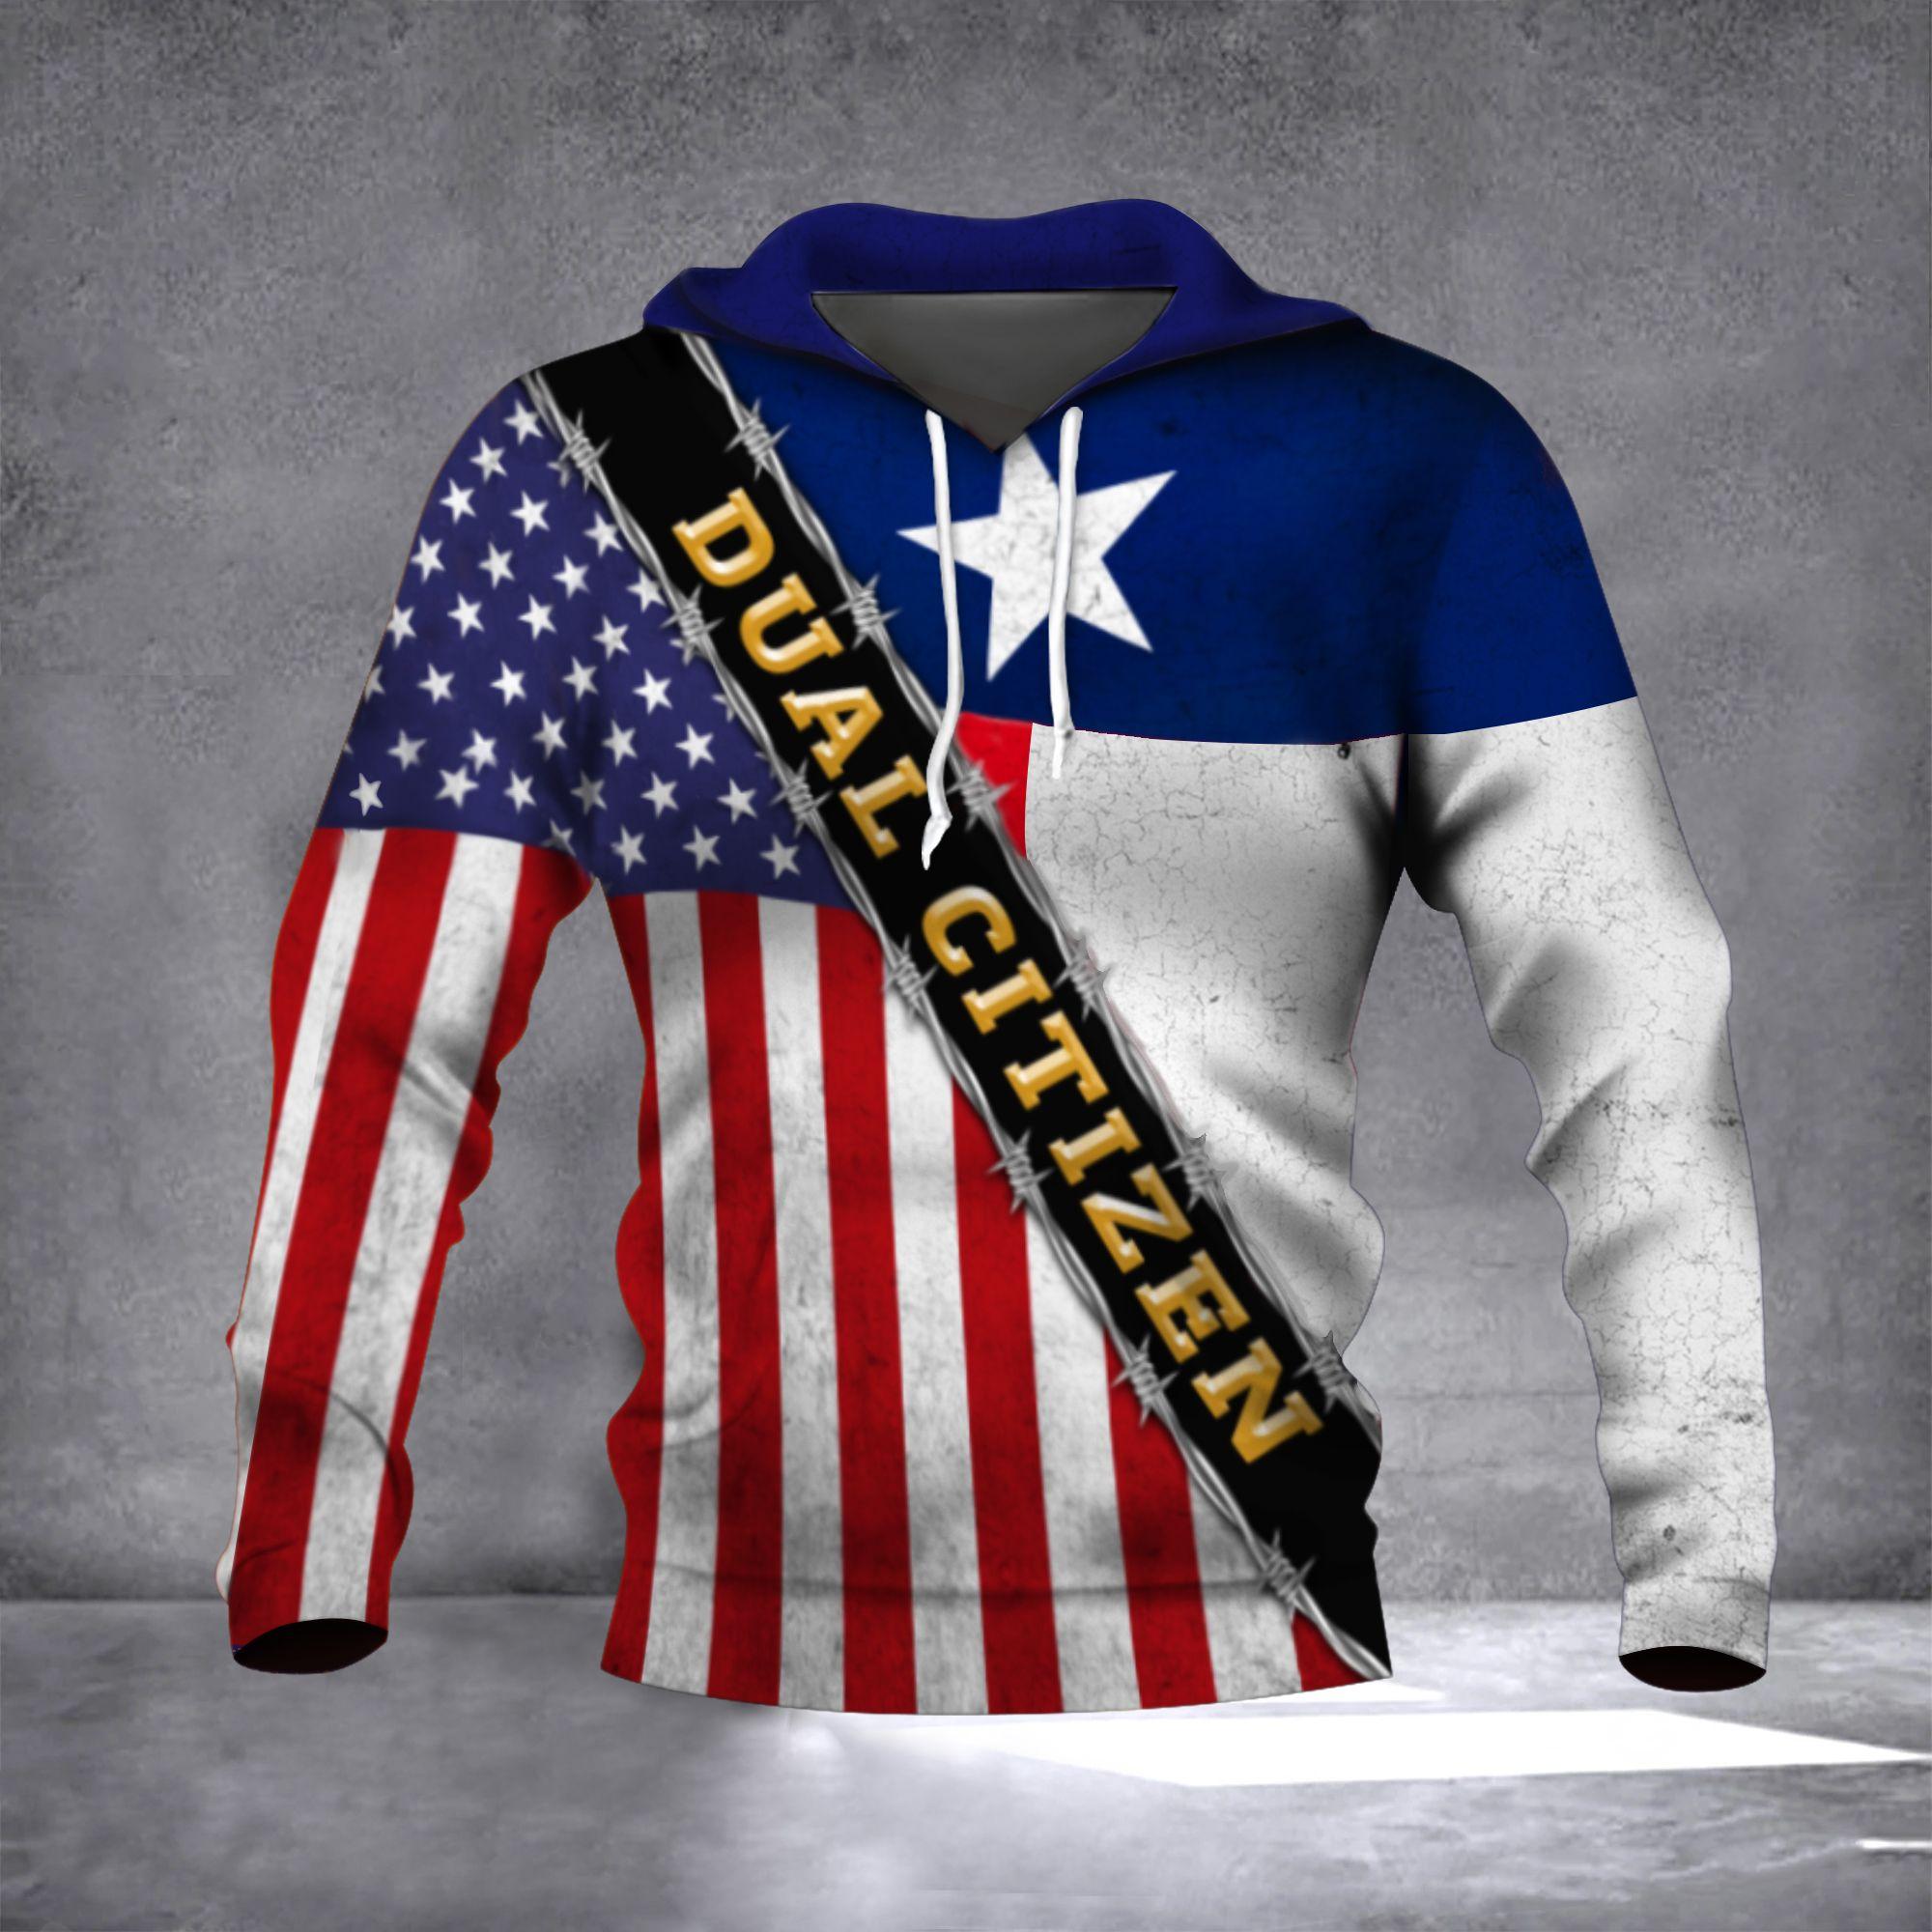 Texas Dual Citizen American Flag Hoodie 3D